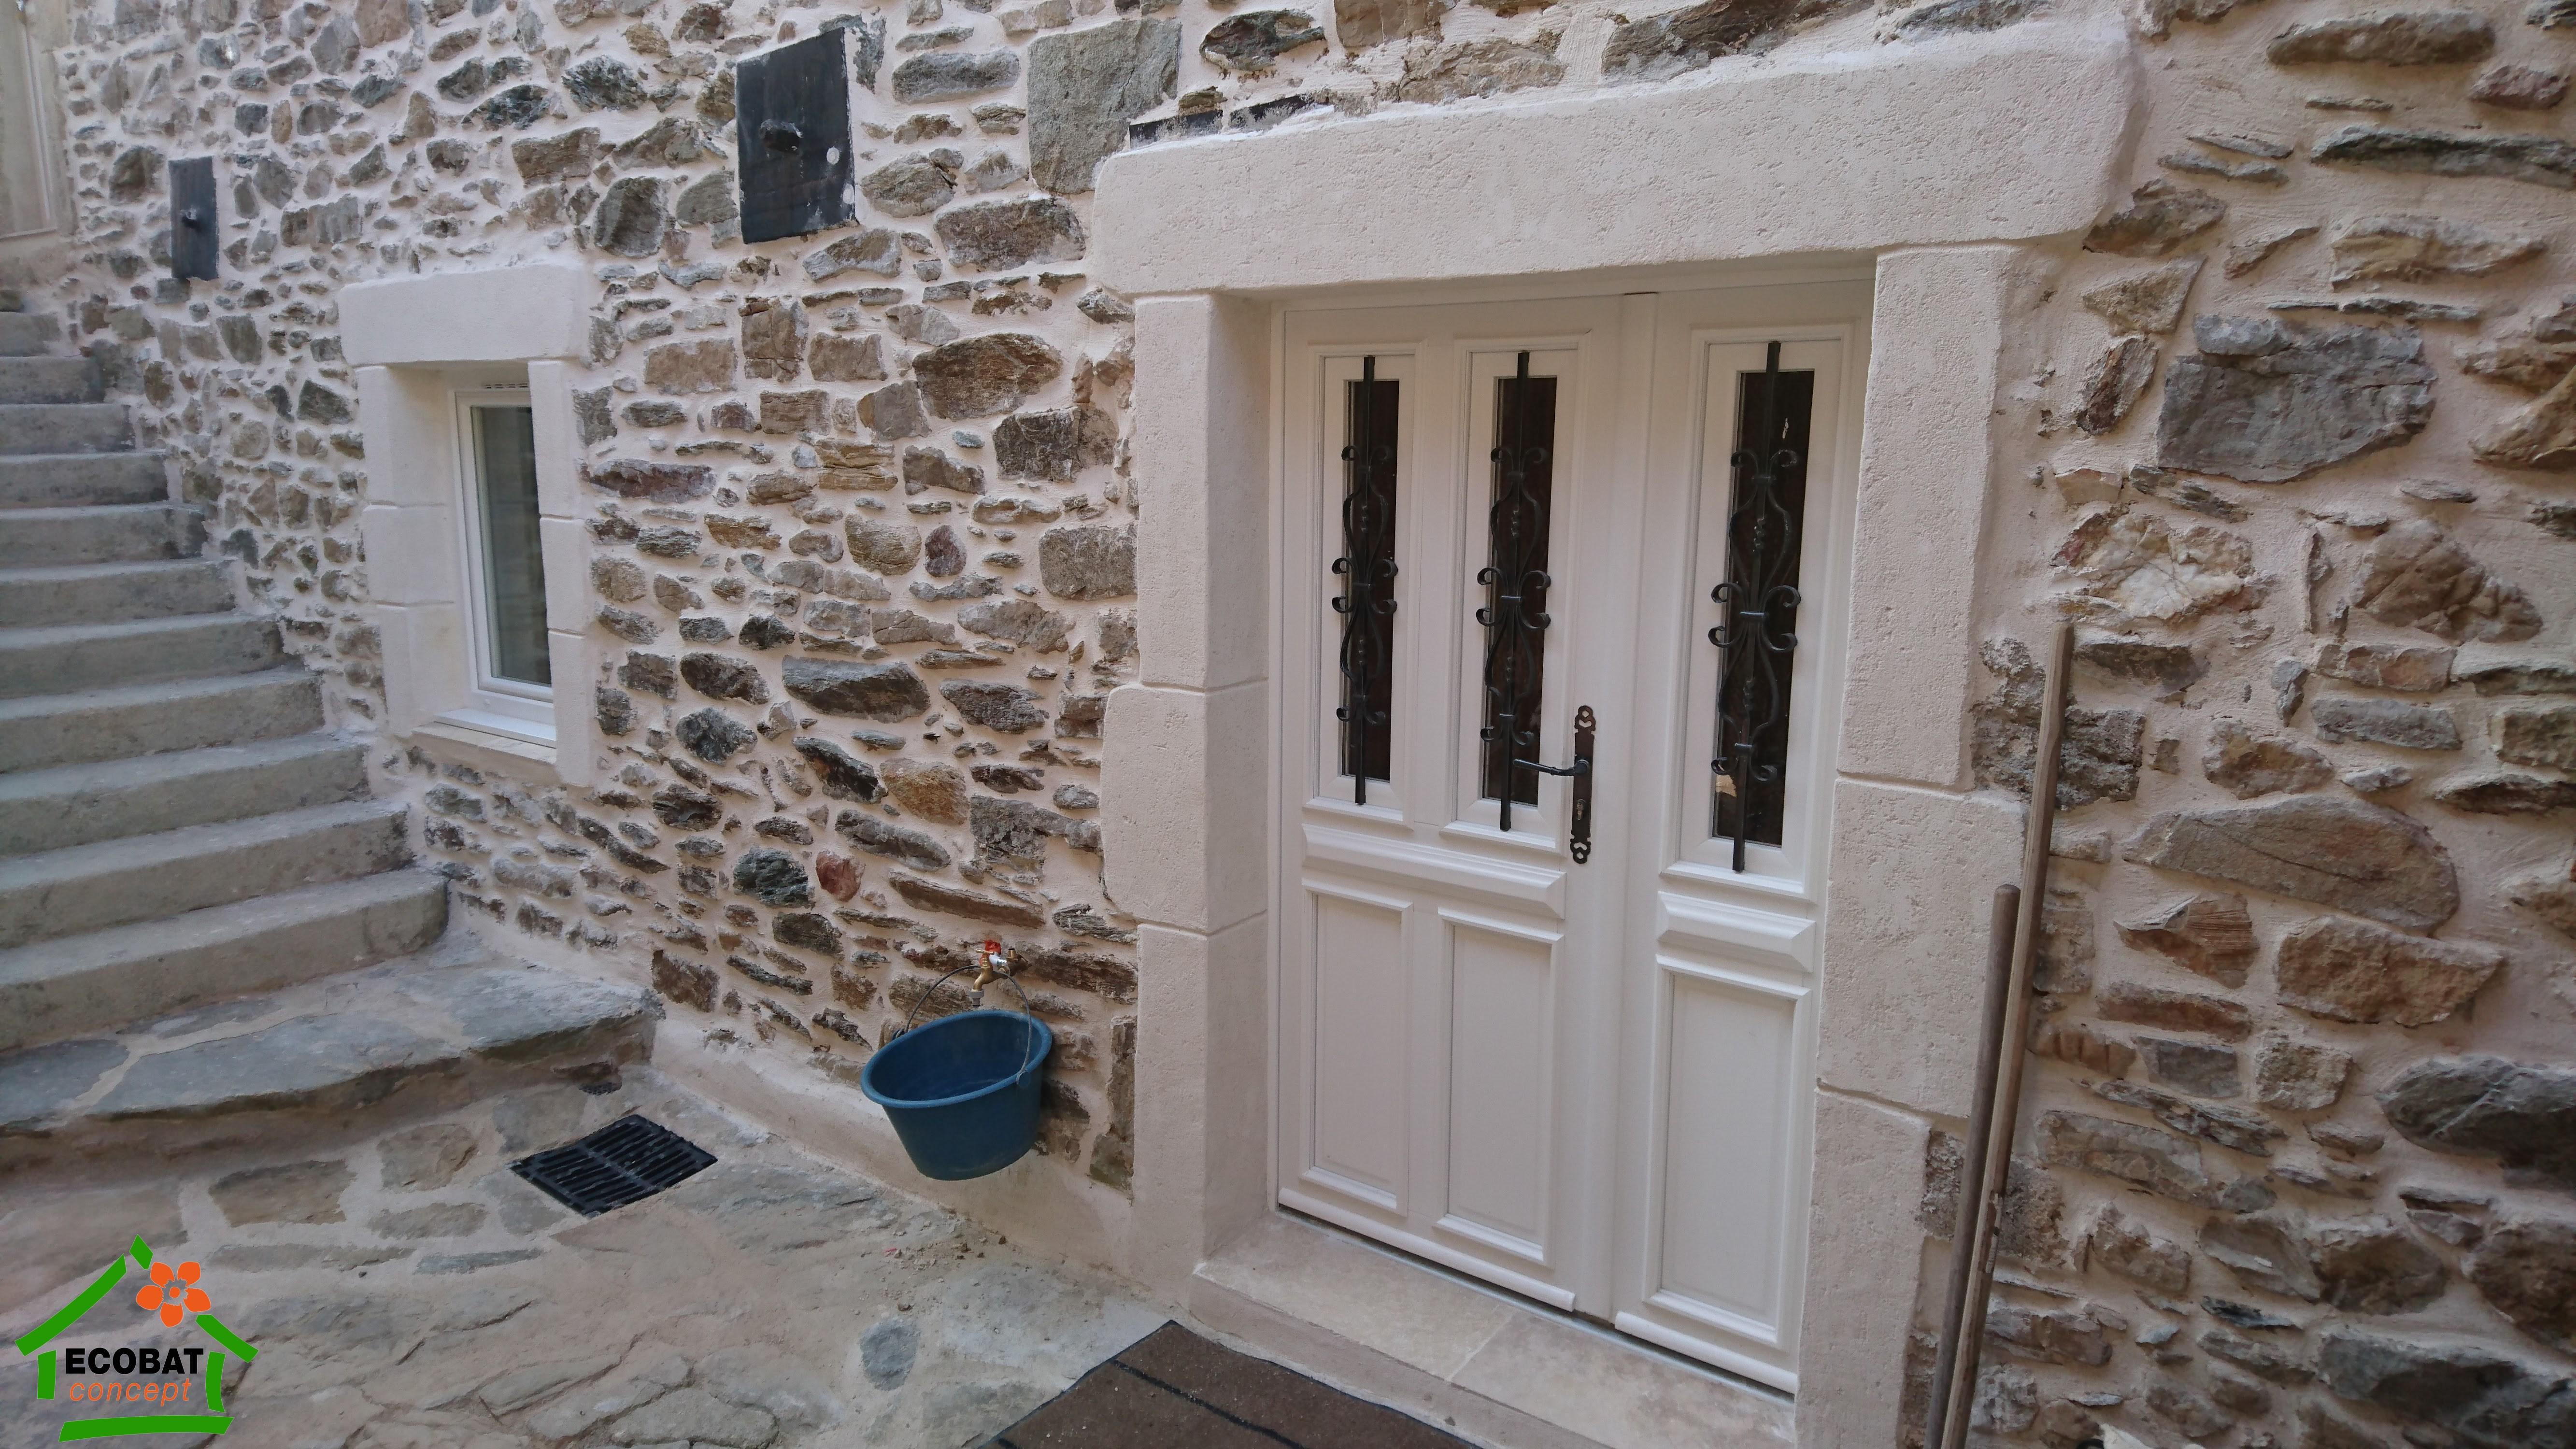 Branoux portes entree et menuiseries pvc dans l 39 ancien for Achat porte fenetre pvc